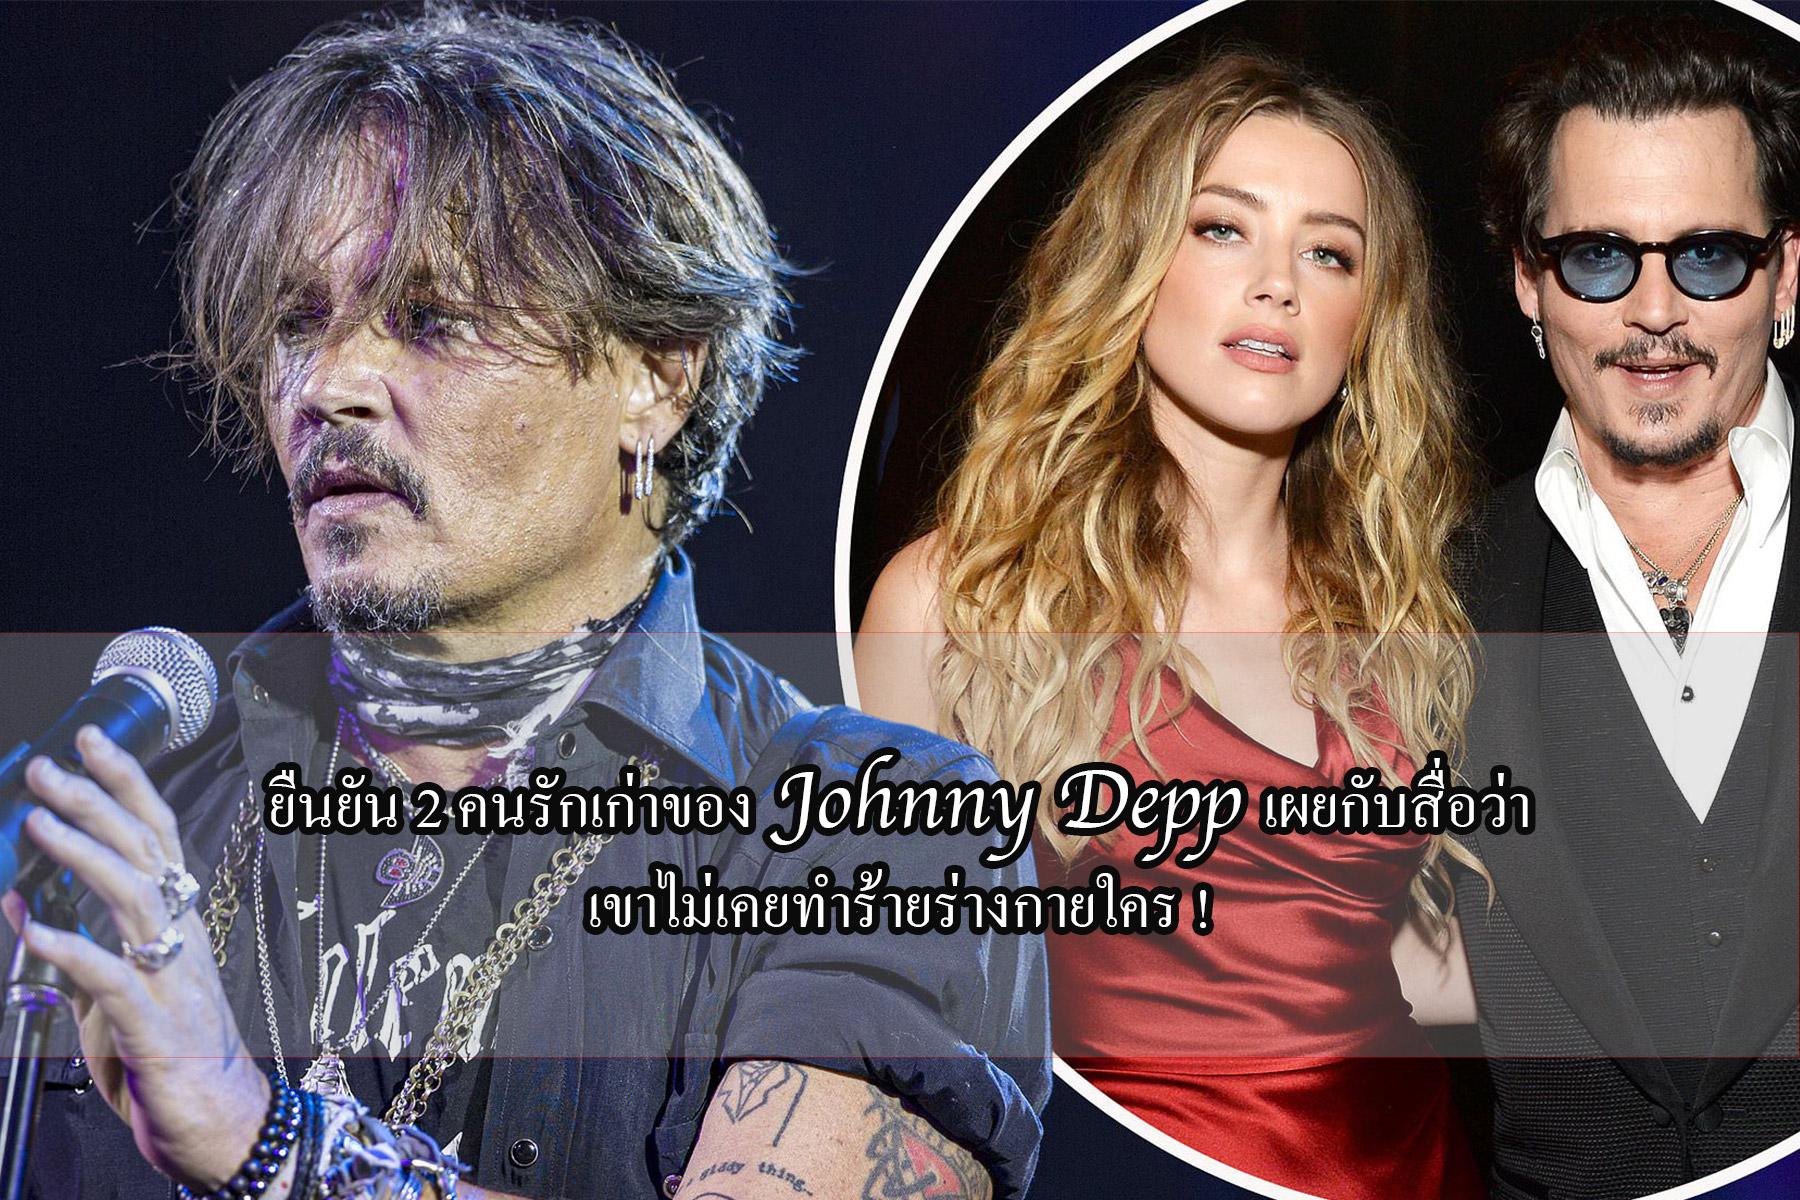 ยืนยัน 2 คนรักเก่าของ Johnny Depp เผยกับสื่อว่า เขาไม่เคยทำร้ายร่างกายใคร !